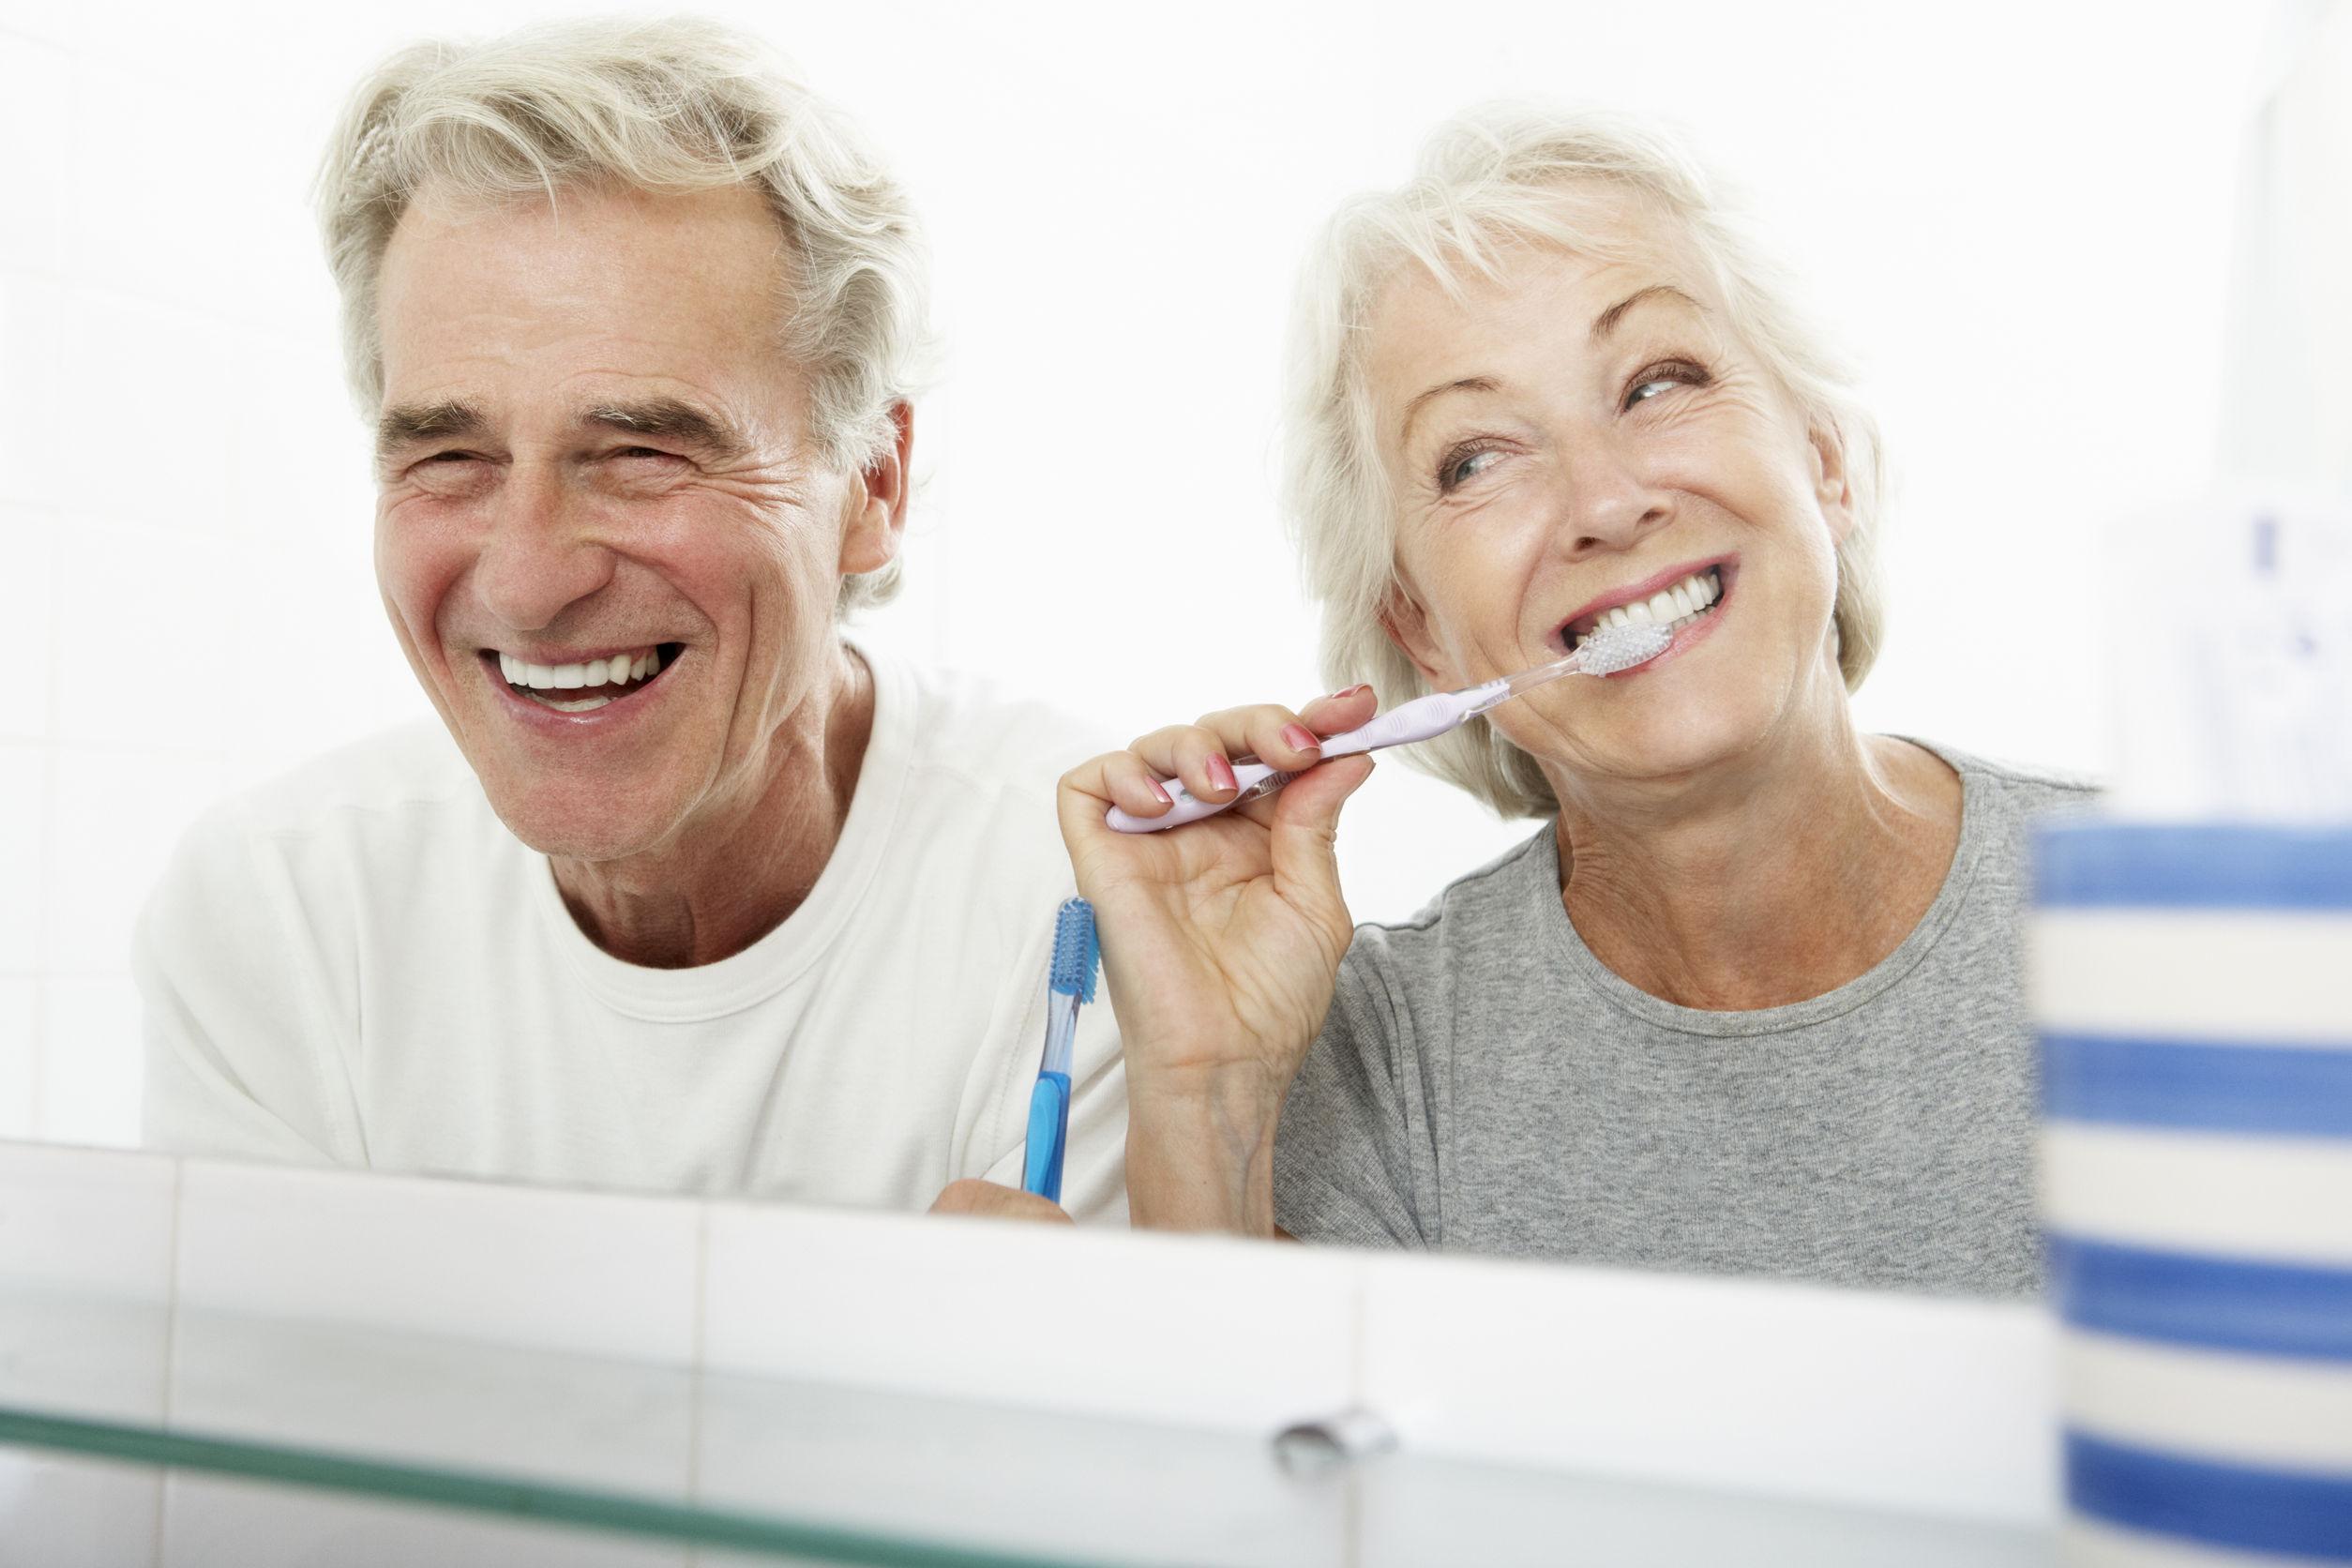 rossz lehelet étvágyhiány erjedési szag a szájból okozza